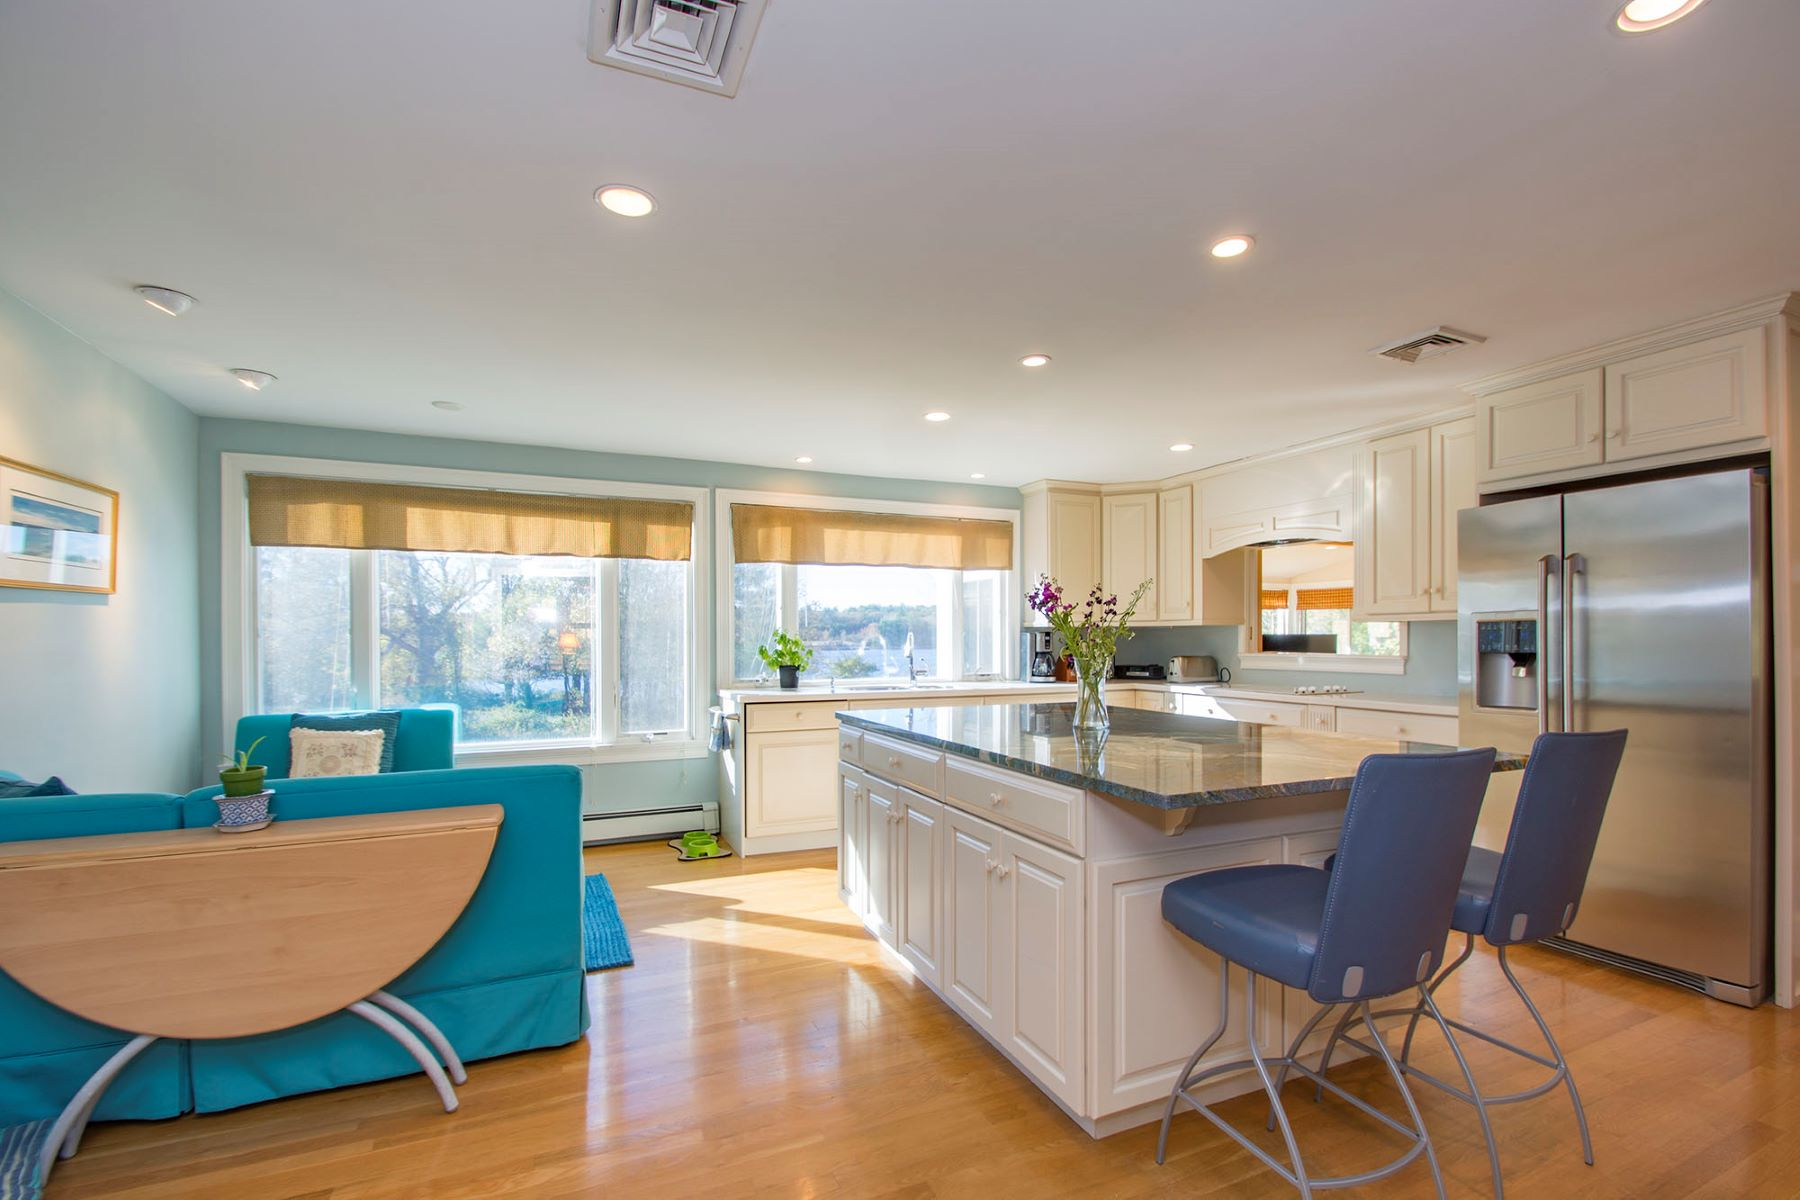 단독 가정 주택 용 매매 에 Views of Cohasset's Lilly Pond 439 King Street, Cohasset, 매사추세츠, 02025 미국